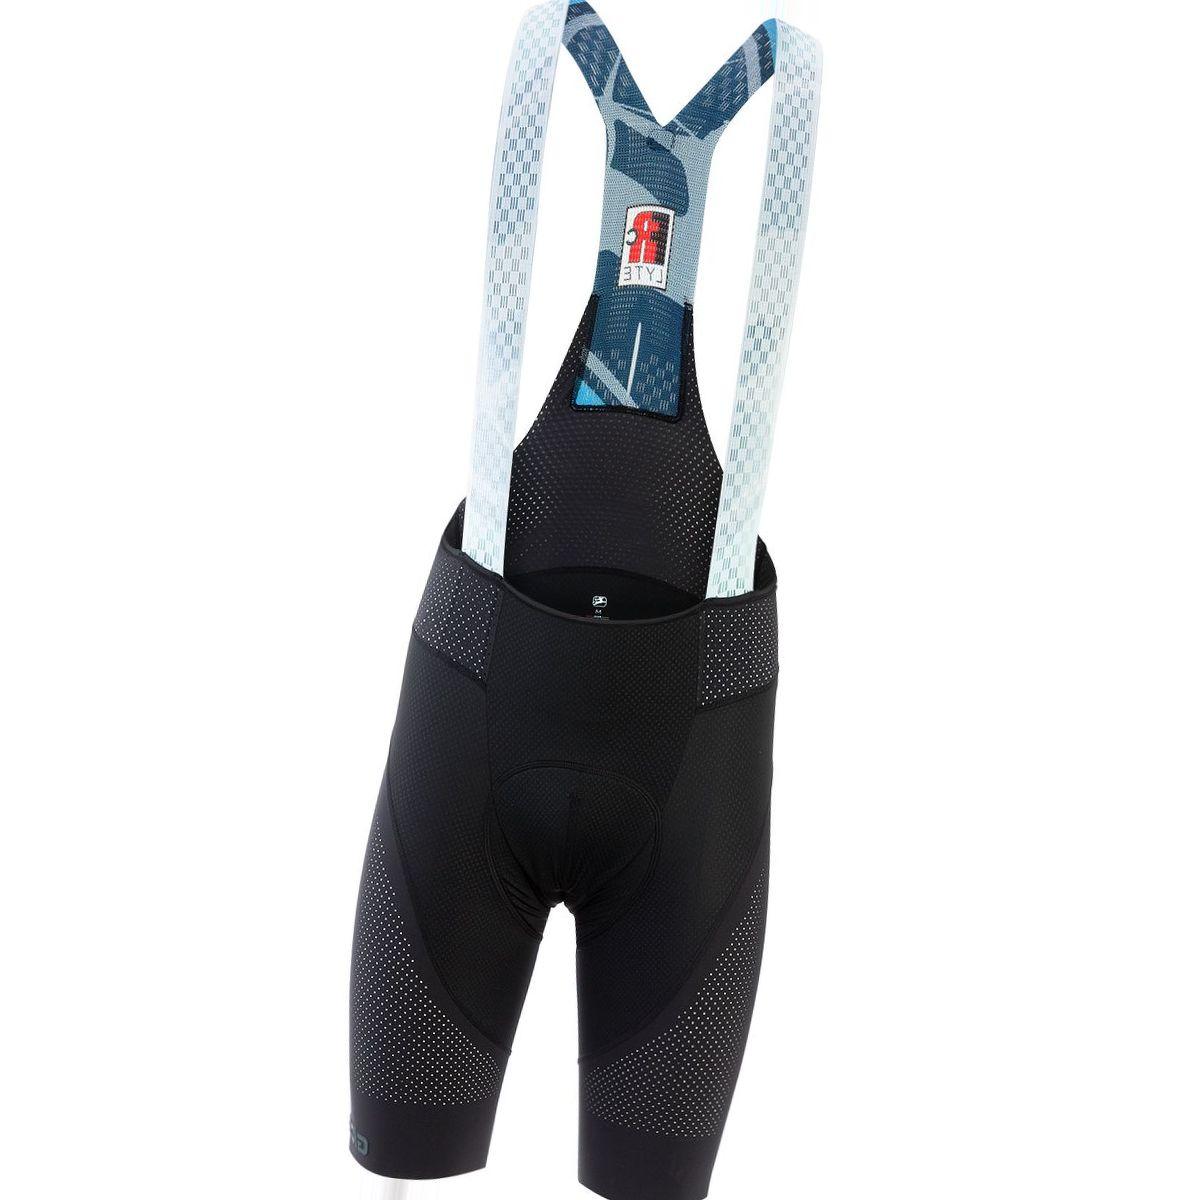 Giordana FR-C Pro Lyte Bib Short - Men's